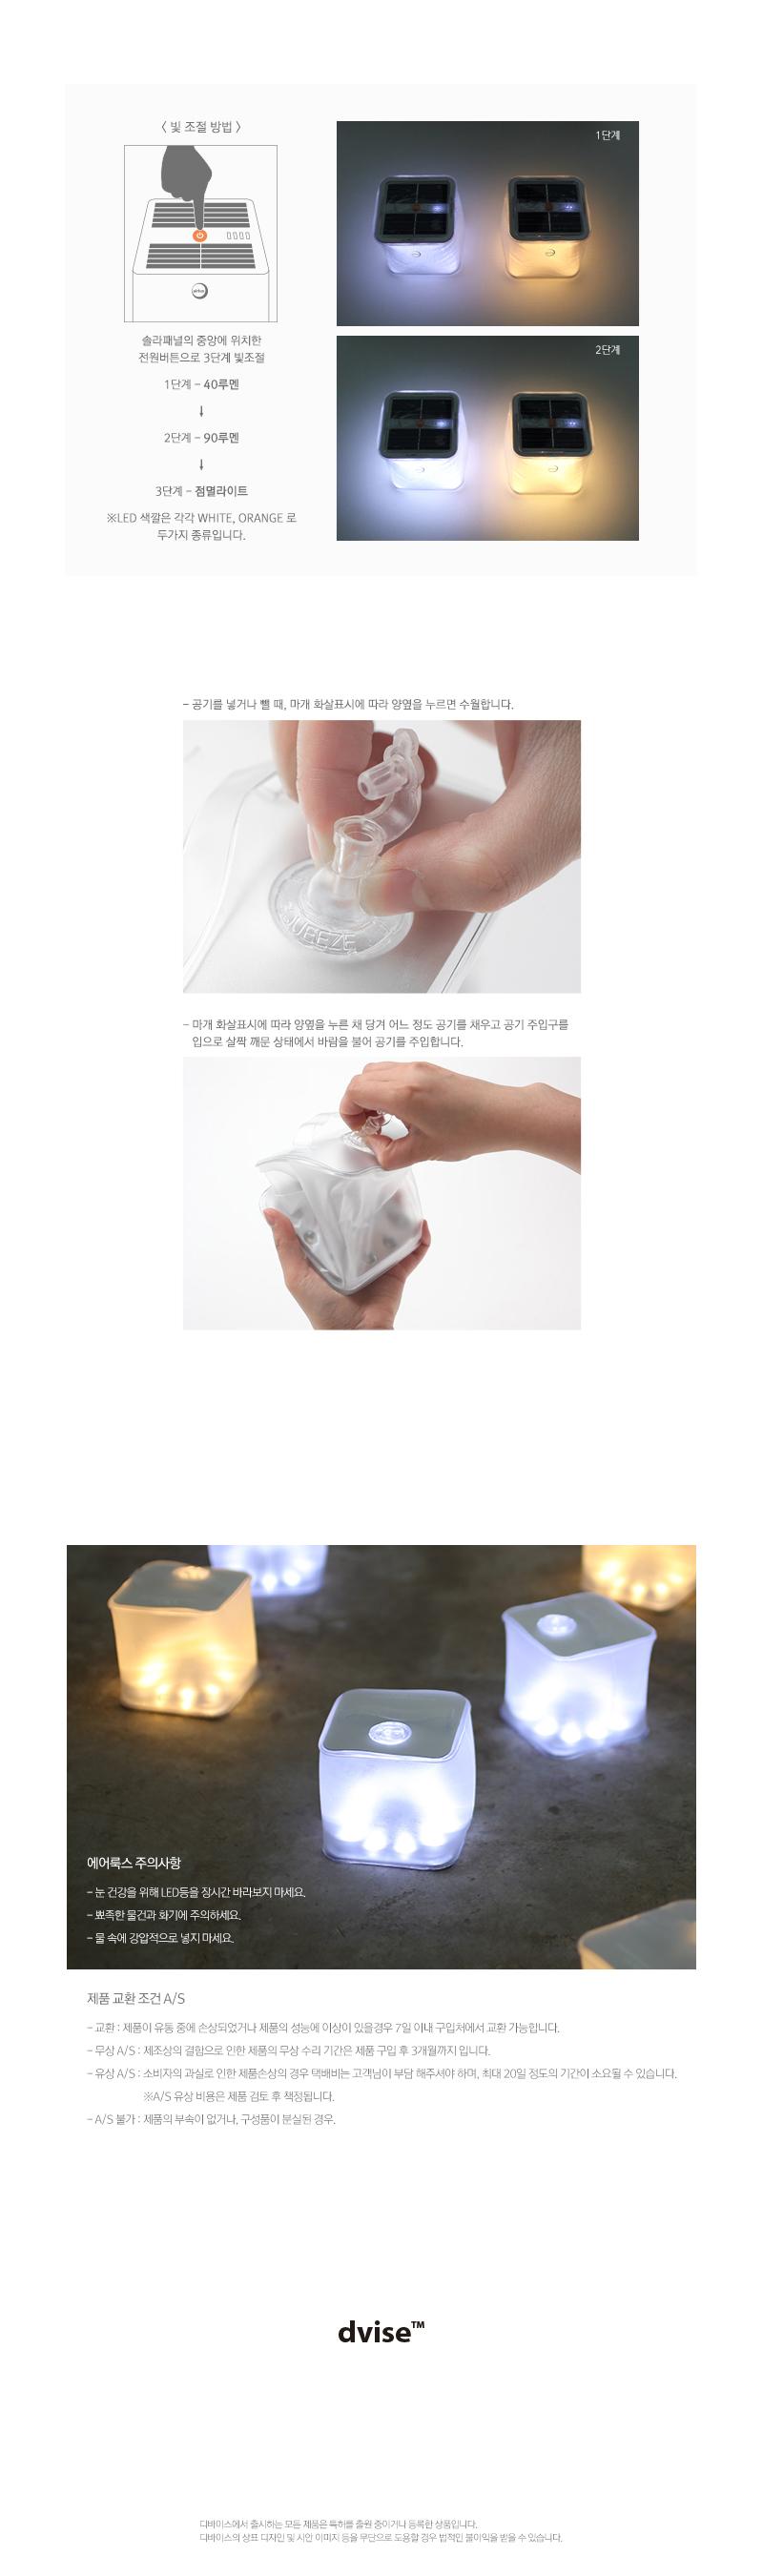 에어룩스 LED 큐브랜턴 - 디바이스, 19,550원, 낚시용품, 낚시소품